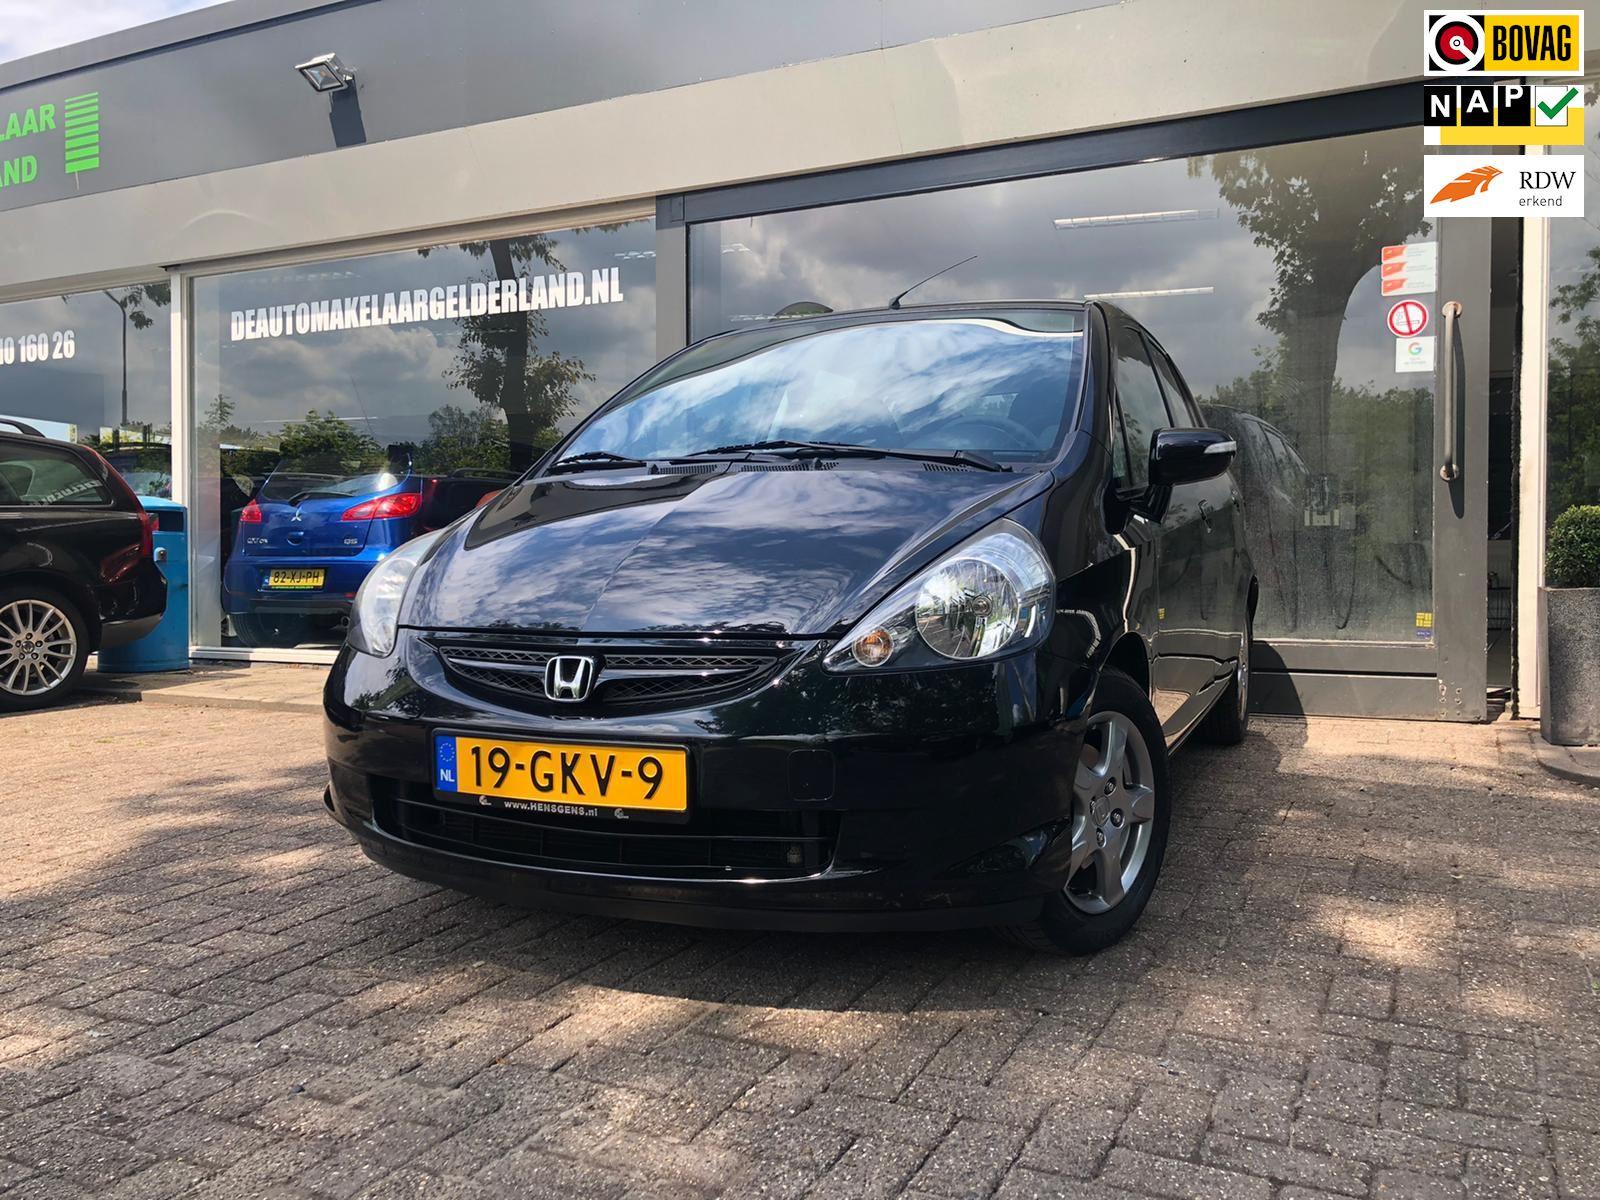 Honda Jazz occasion - De Automakelaar Gelderland